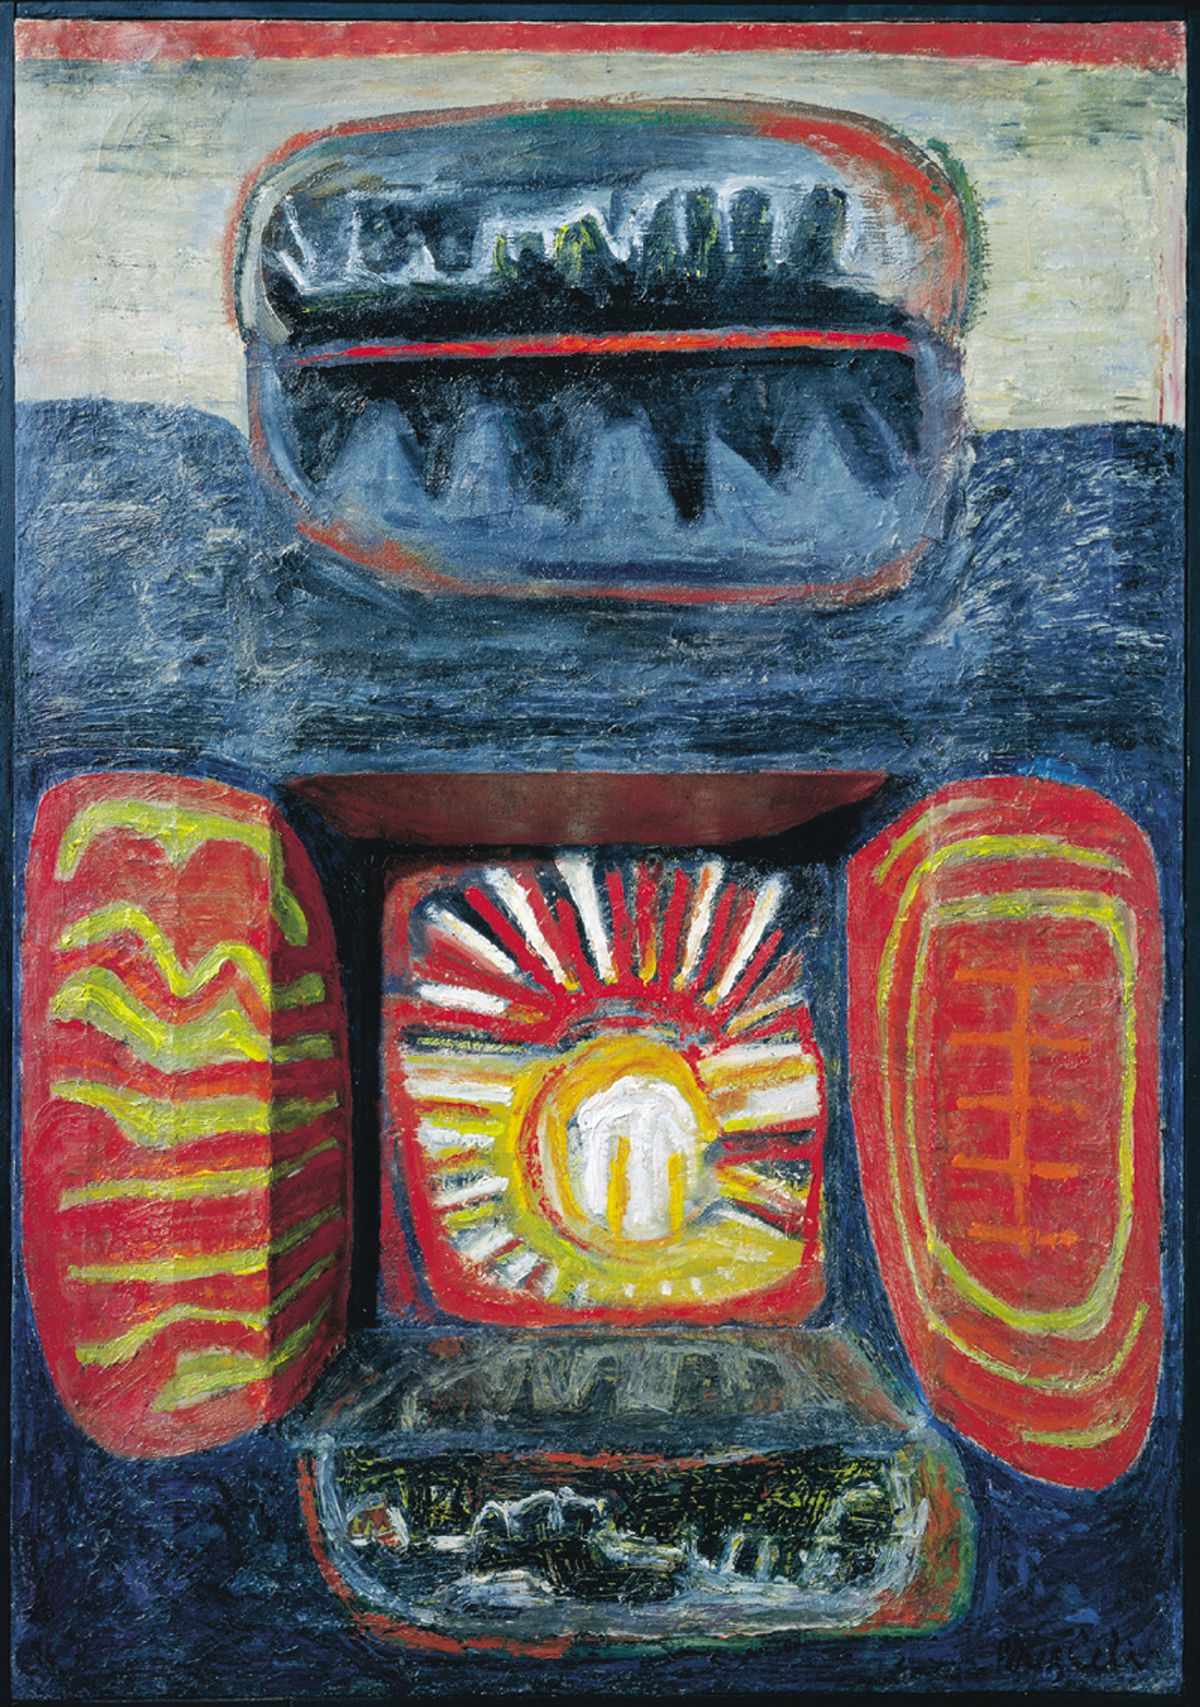 Retablo del Sol (1964)